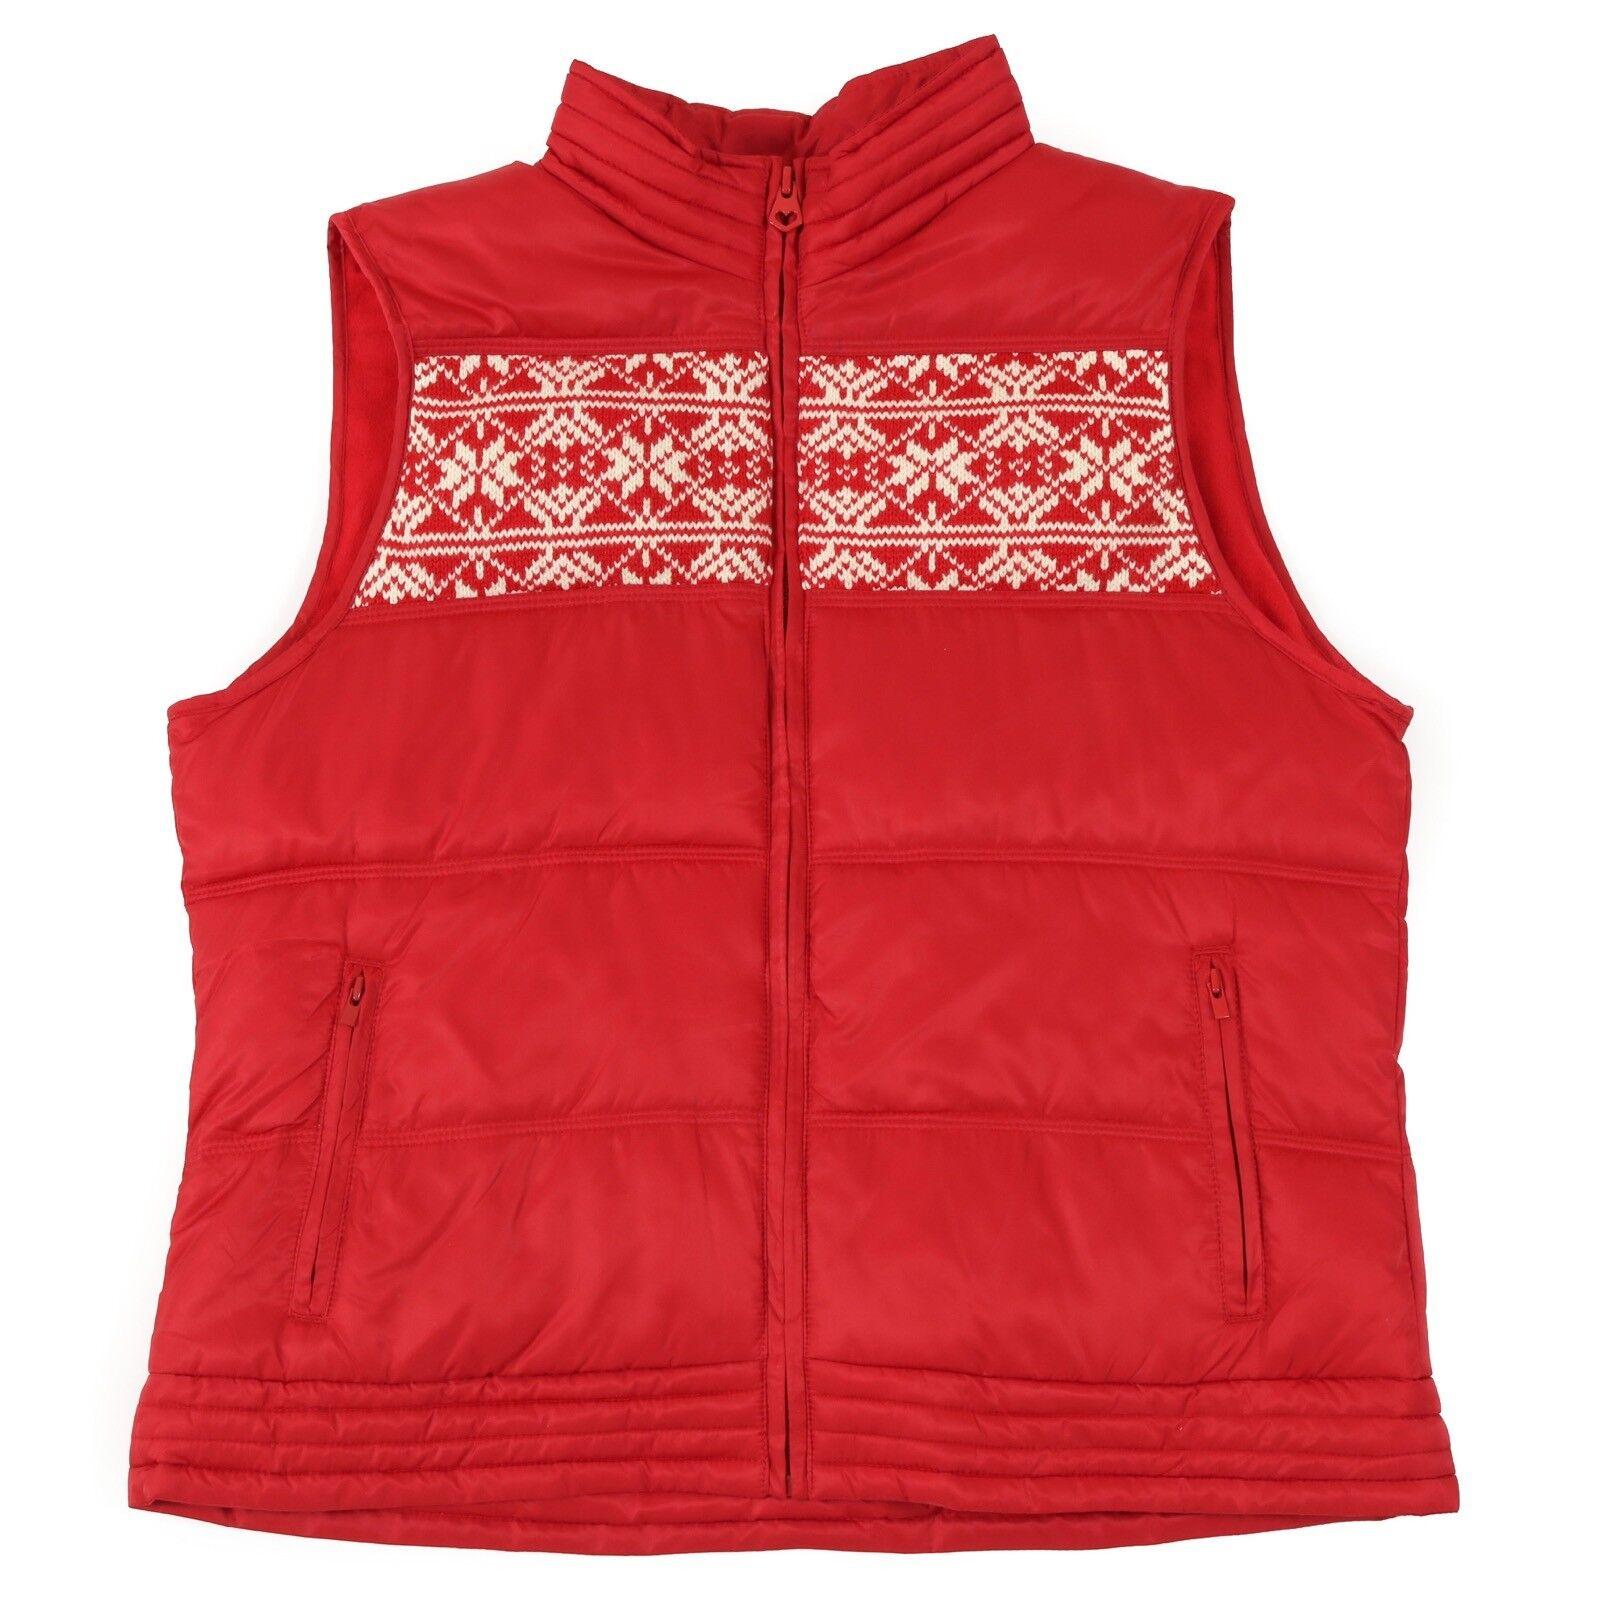 VGC OLD NAVY Padded Bodywarmer   Women's M   Gilet Vest Sleeveless Retro Puffer